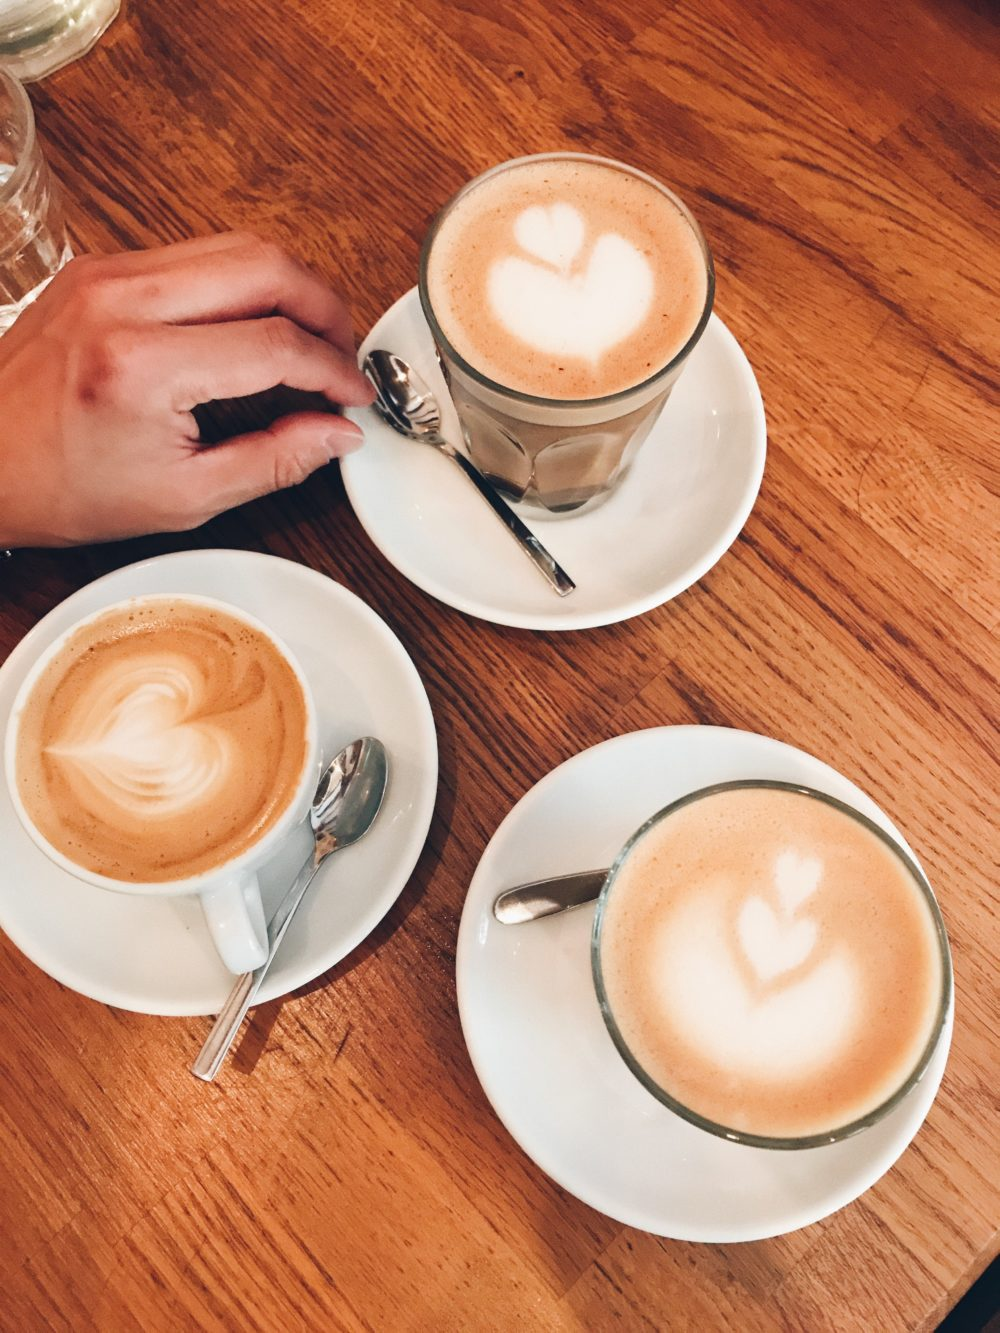 Mana-Espresso-Aix-En-Provence-France-e1530894714865 (1).jpg